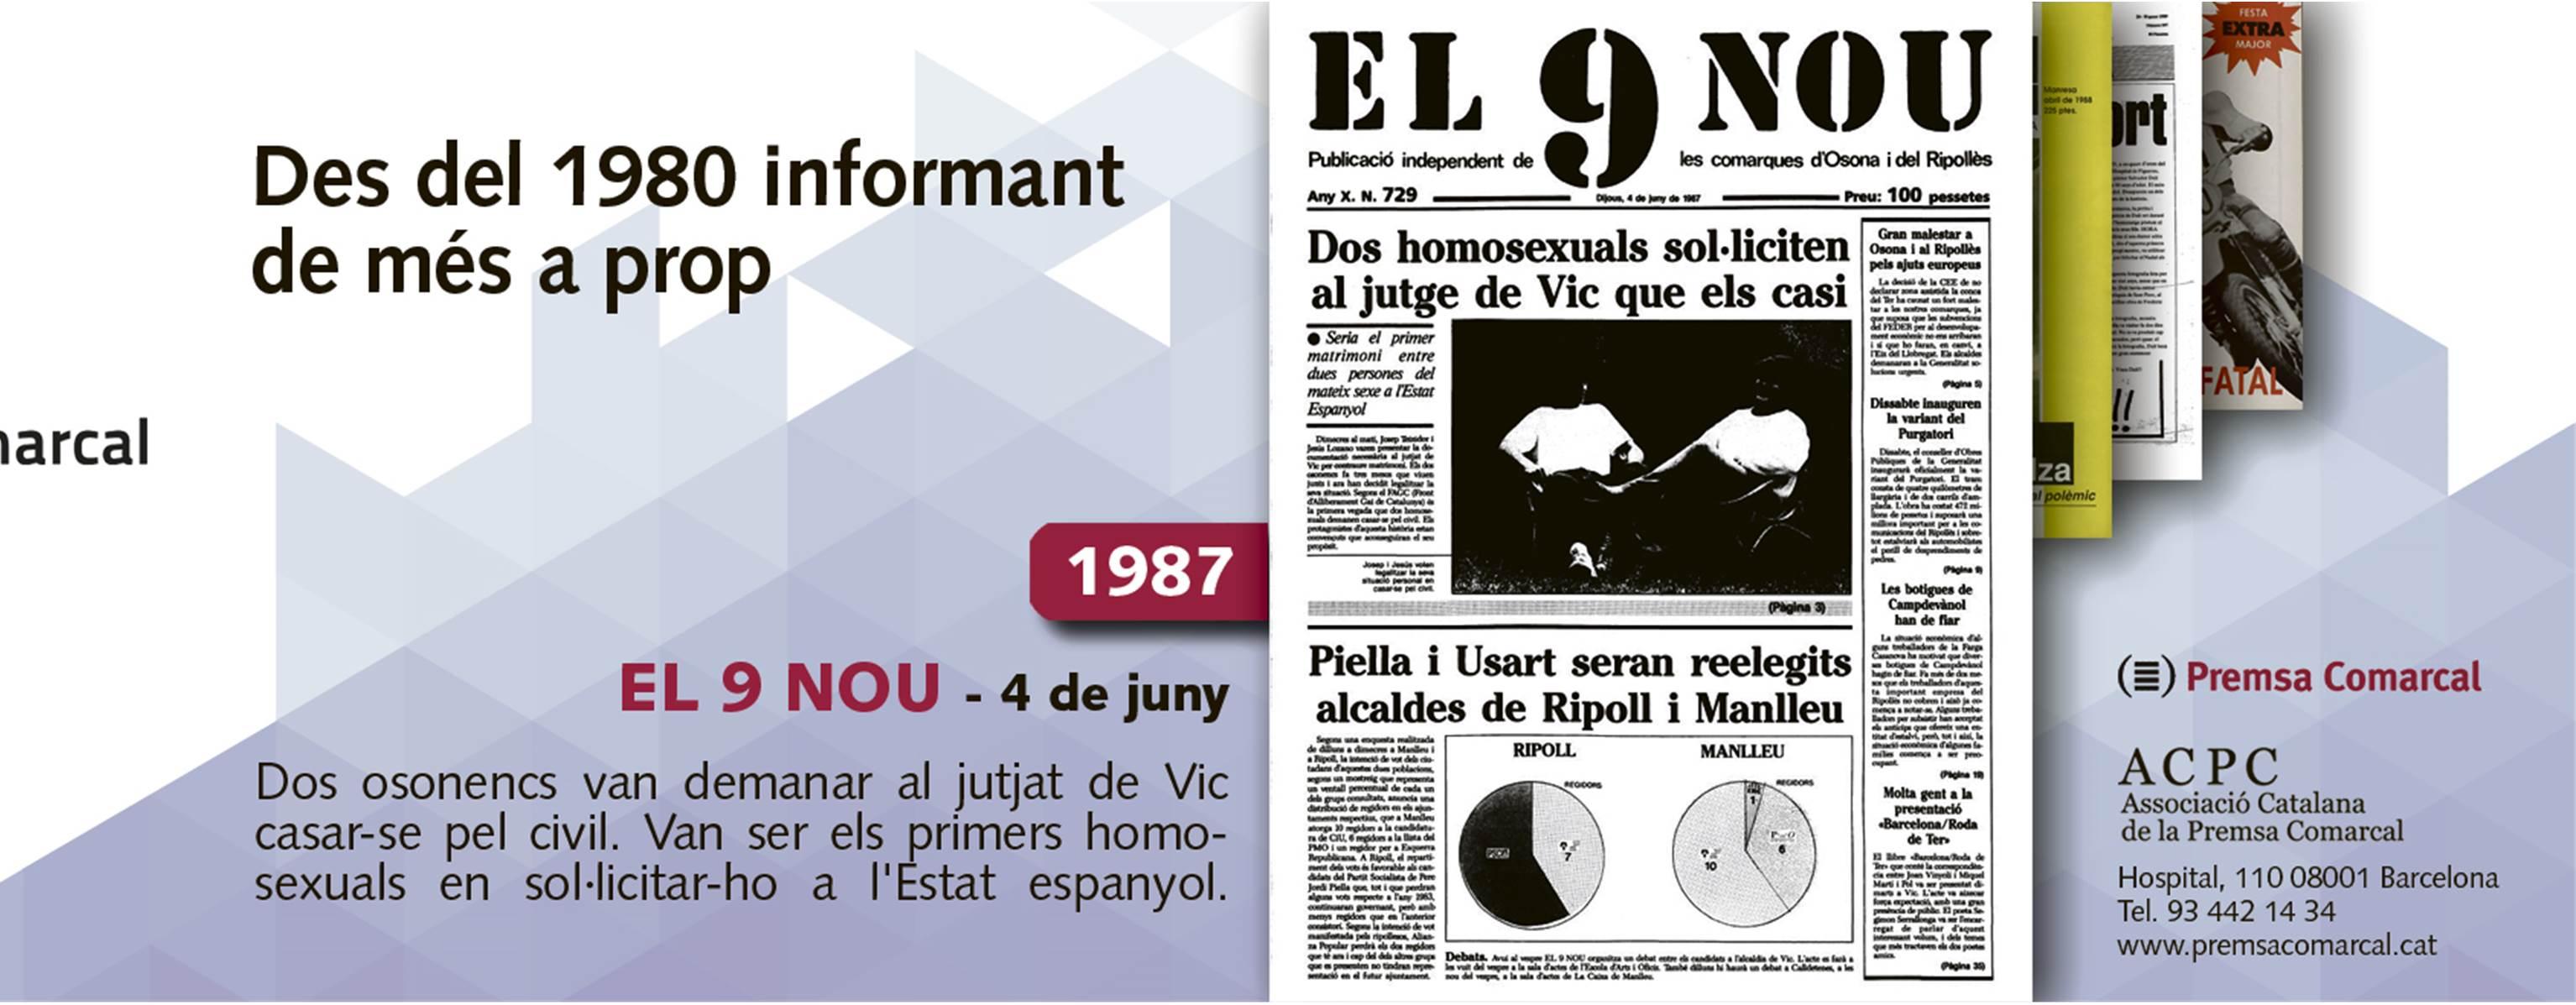 El primer casament homosexual va ser osonenc el 1987; a la campanya de l'ACPC